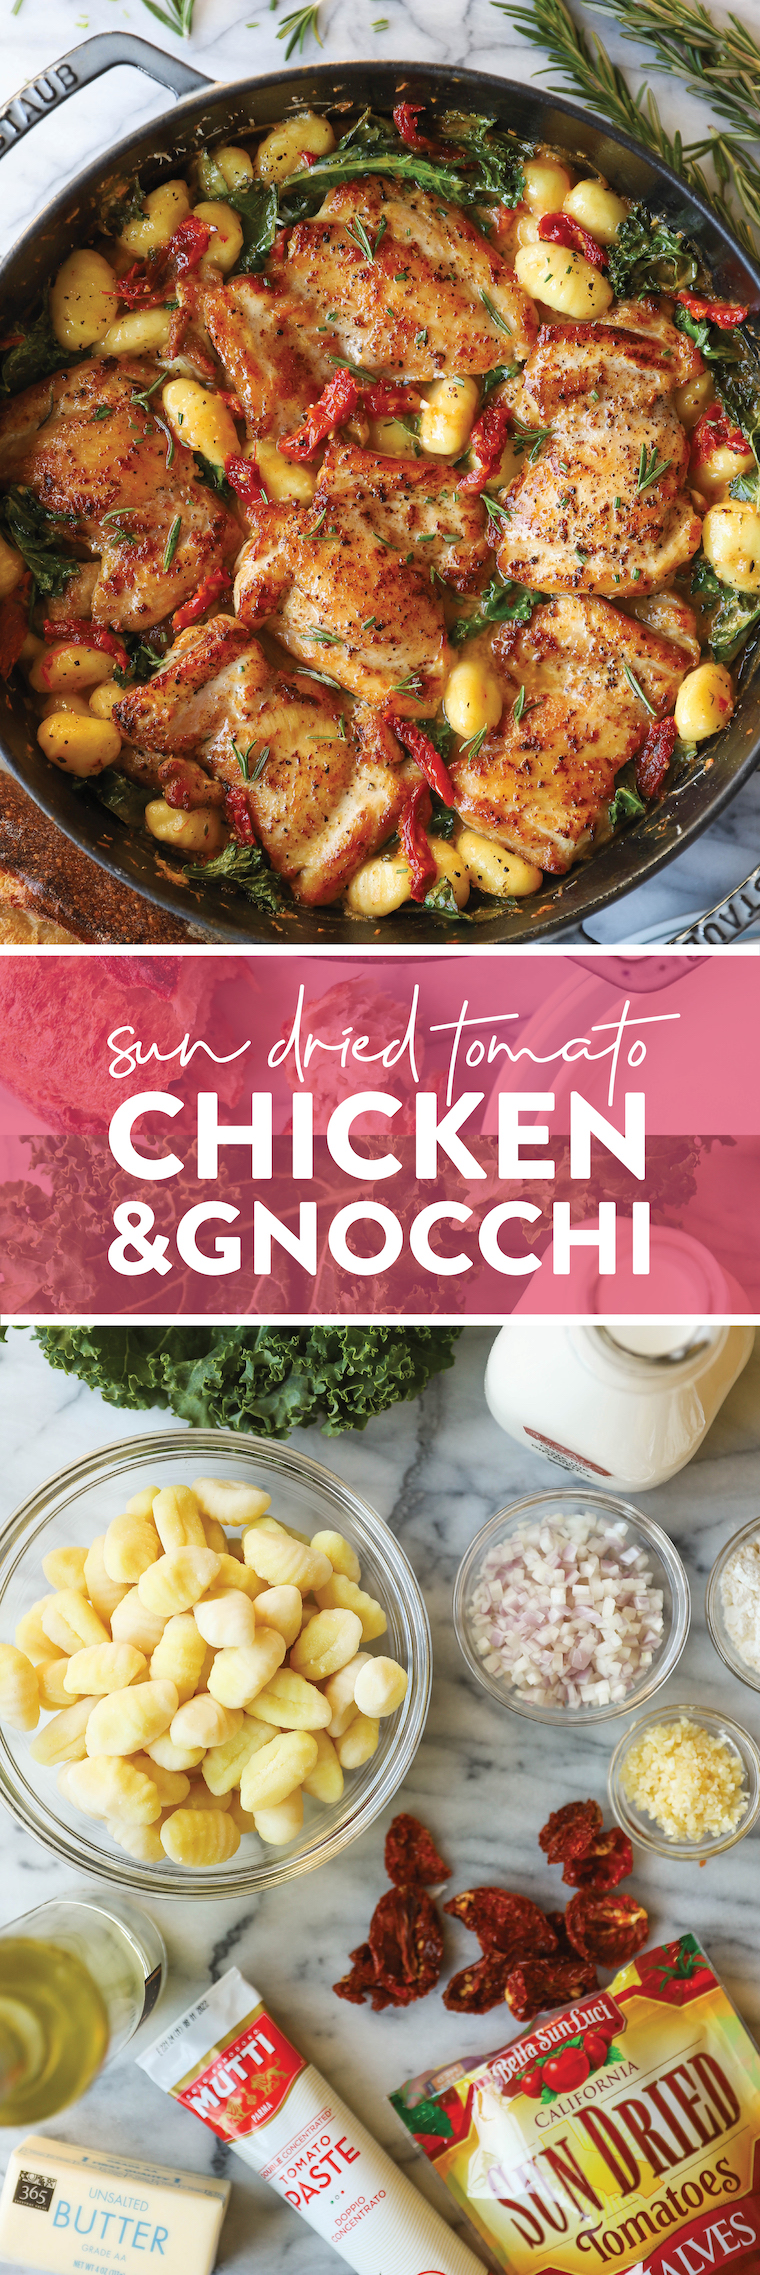 Цыпленок с вялеными помидорами и ньокки - Нежные, сочные куриные бедра в УДИВИТЕЛЬНОМ чесночном соусе из вяленых на солнце томатов.  Так просто, так хорошо.